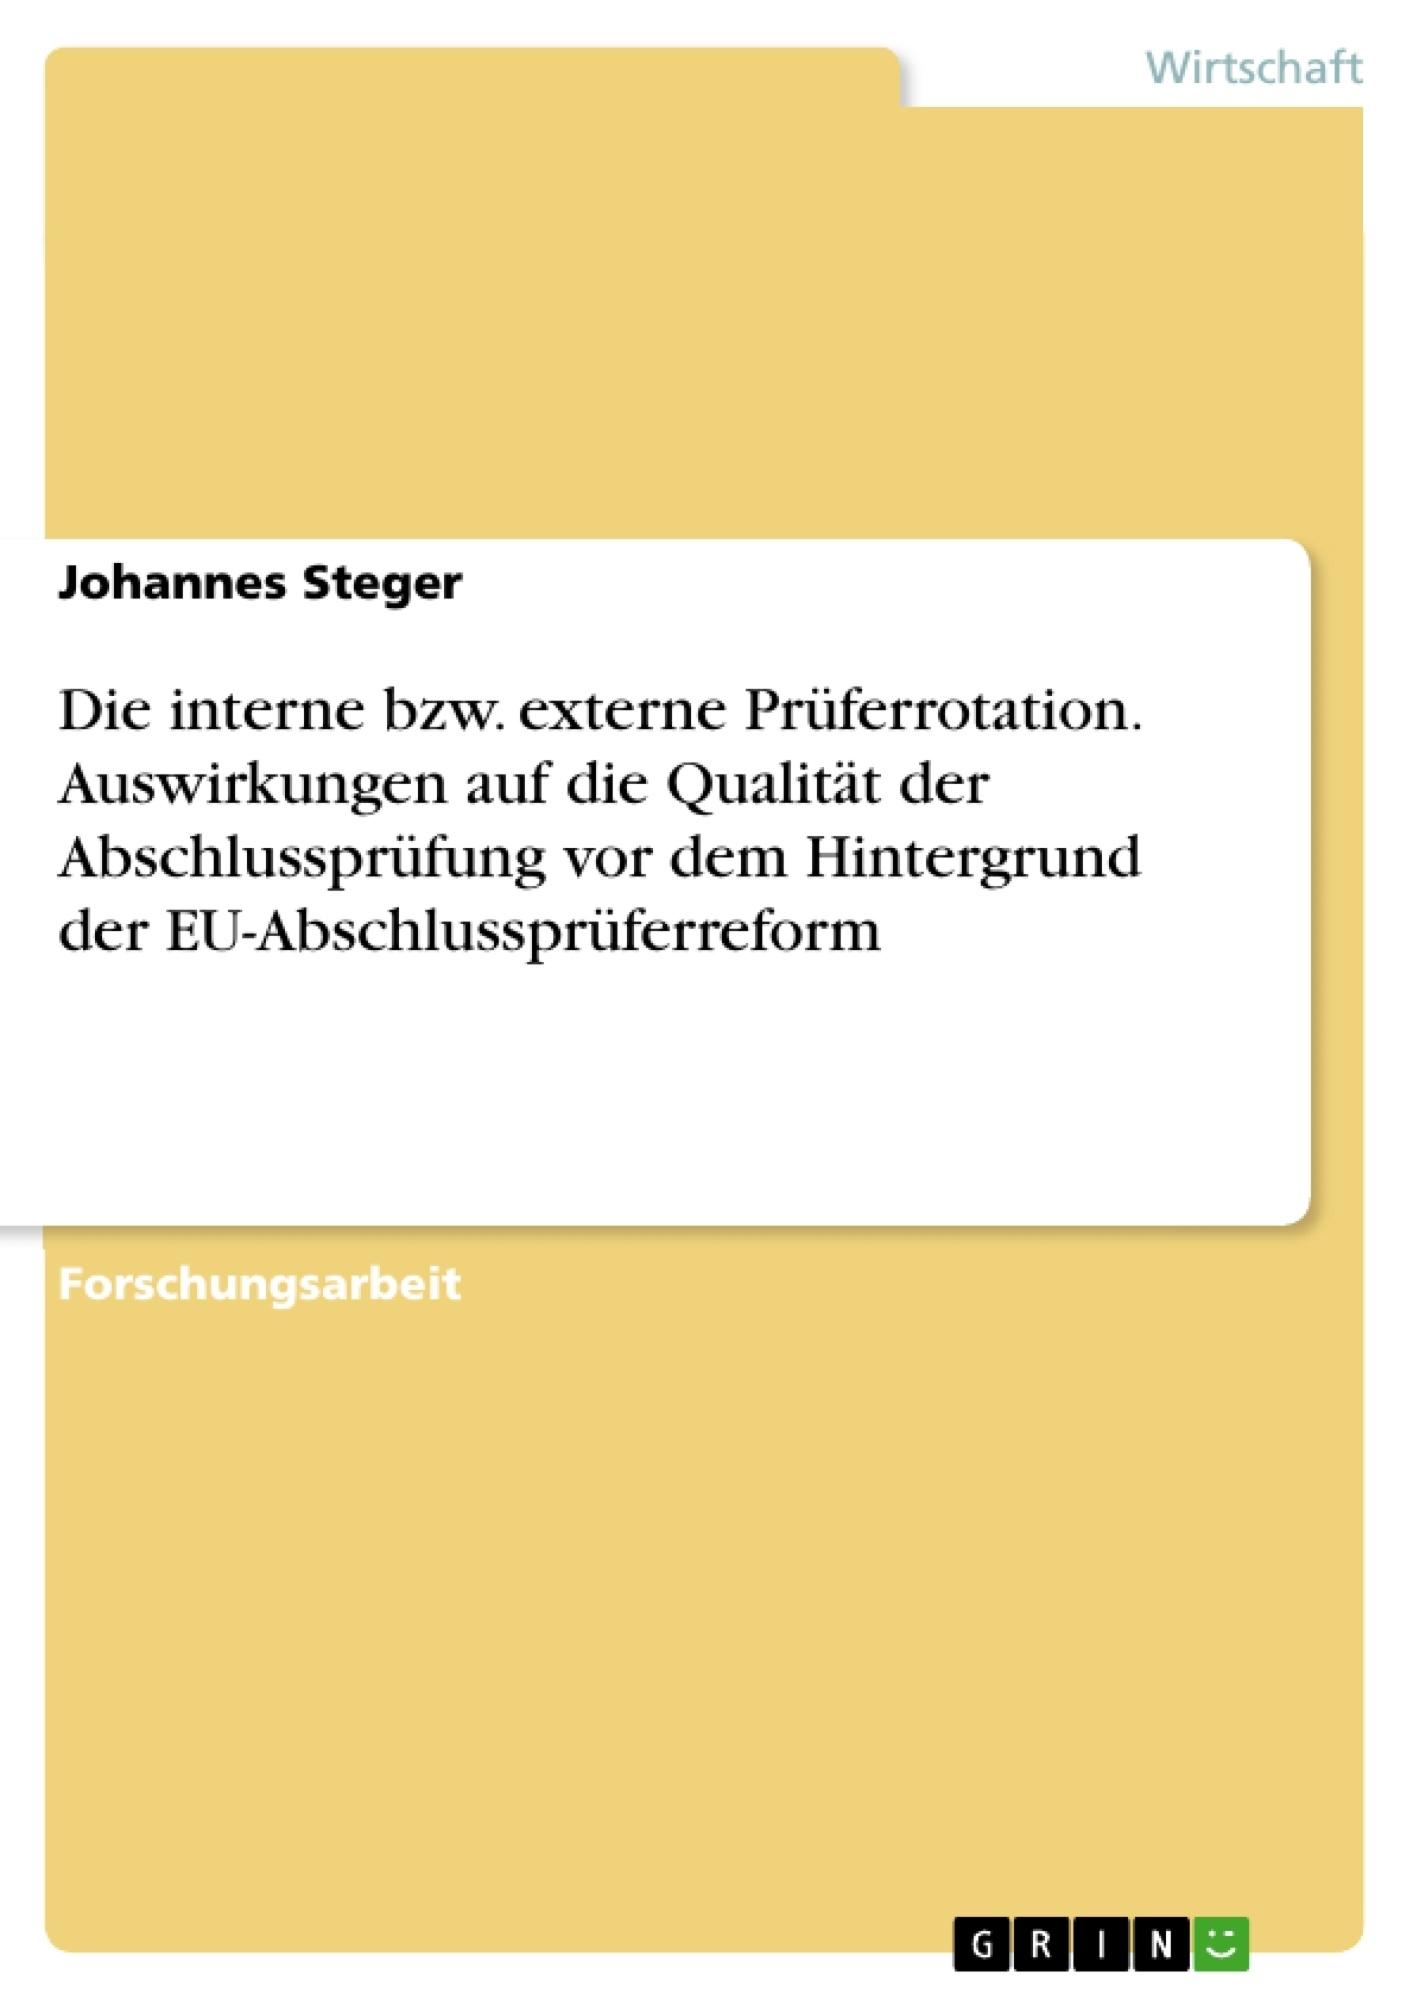 Titel: Die interne bzw. externe Prüferrotation. Auswirkungen auf die Qualität der Abschlussprüfung vor dem Hintergrund der EU-Abschlussprüferreform